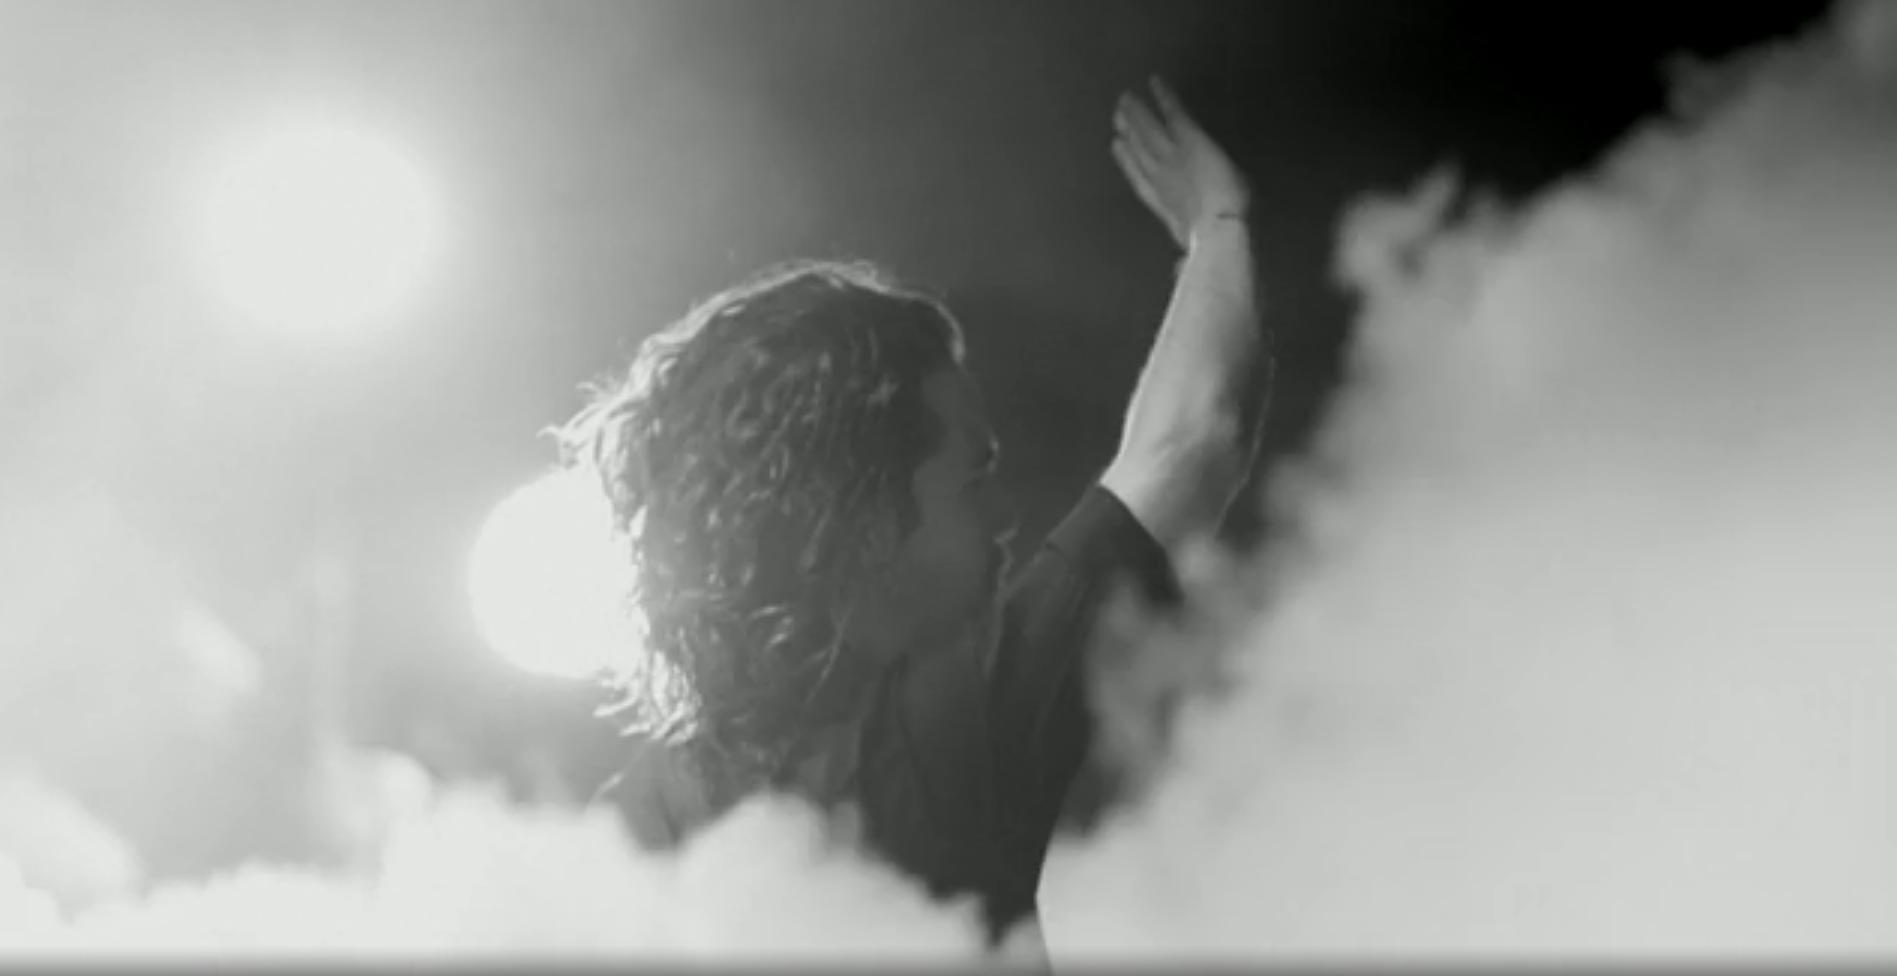 LØVE, The End (teaser)